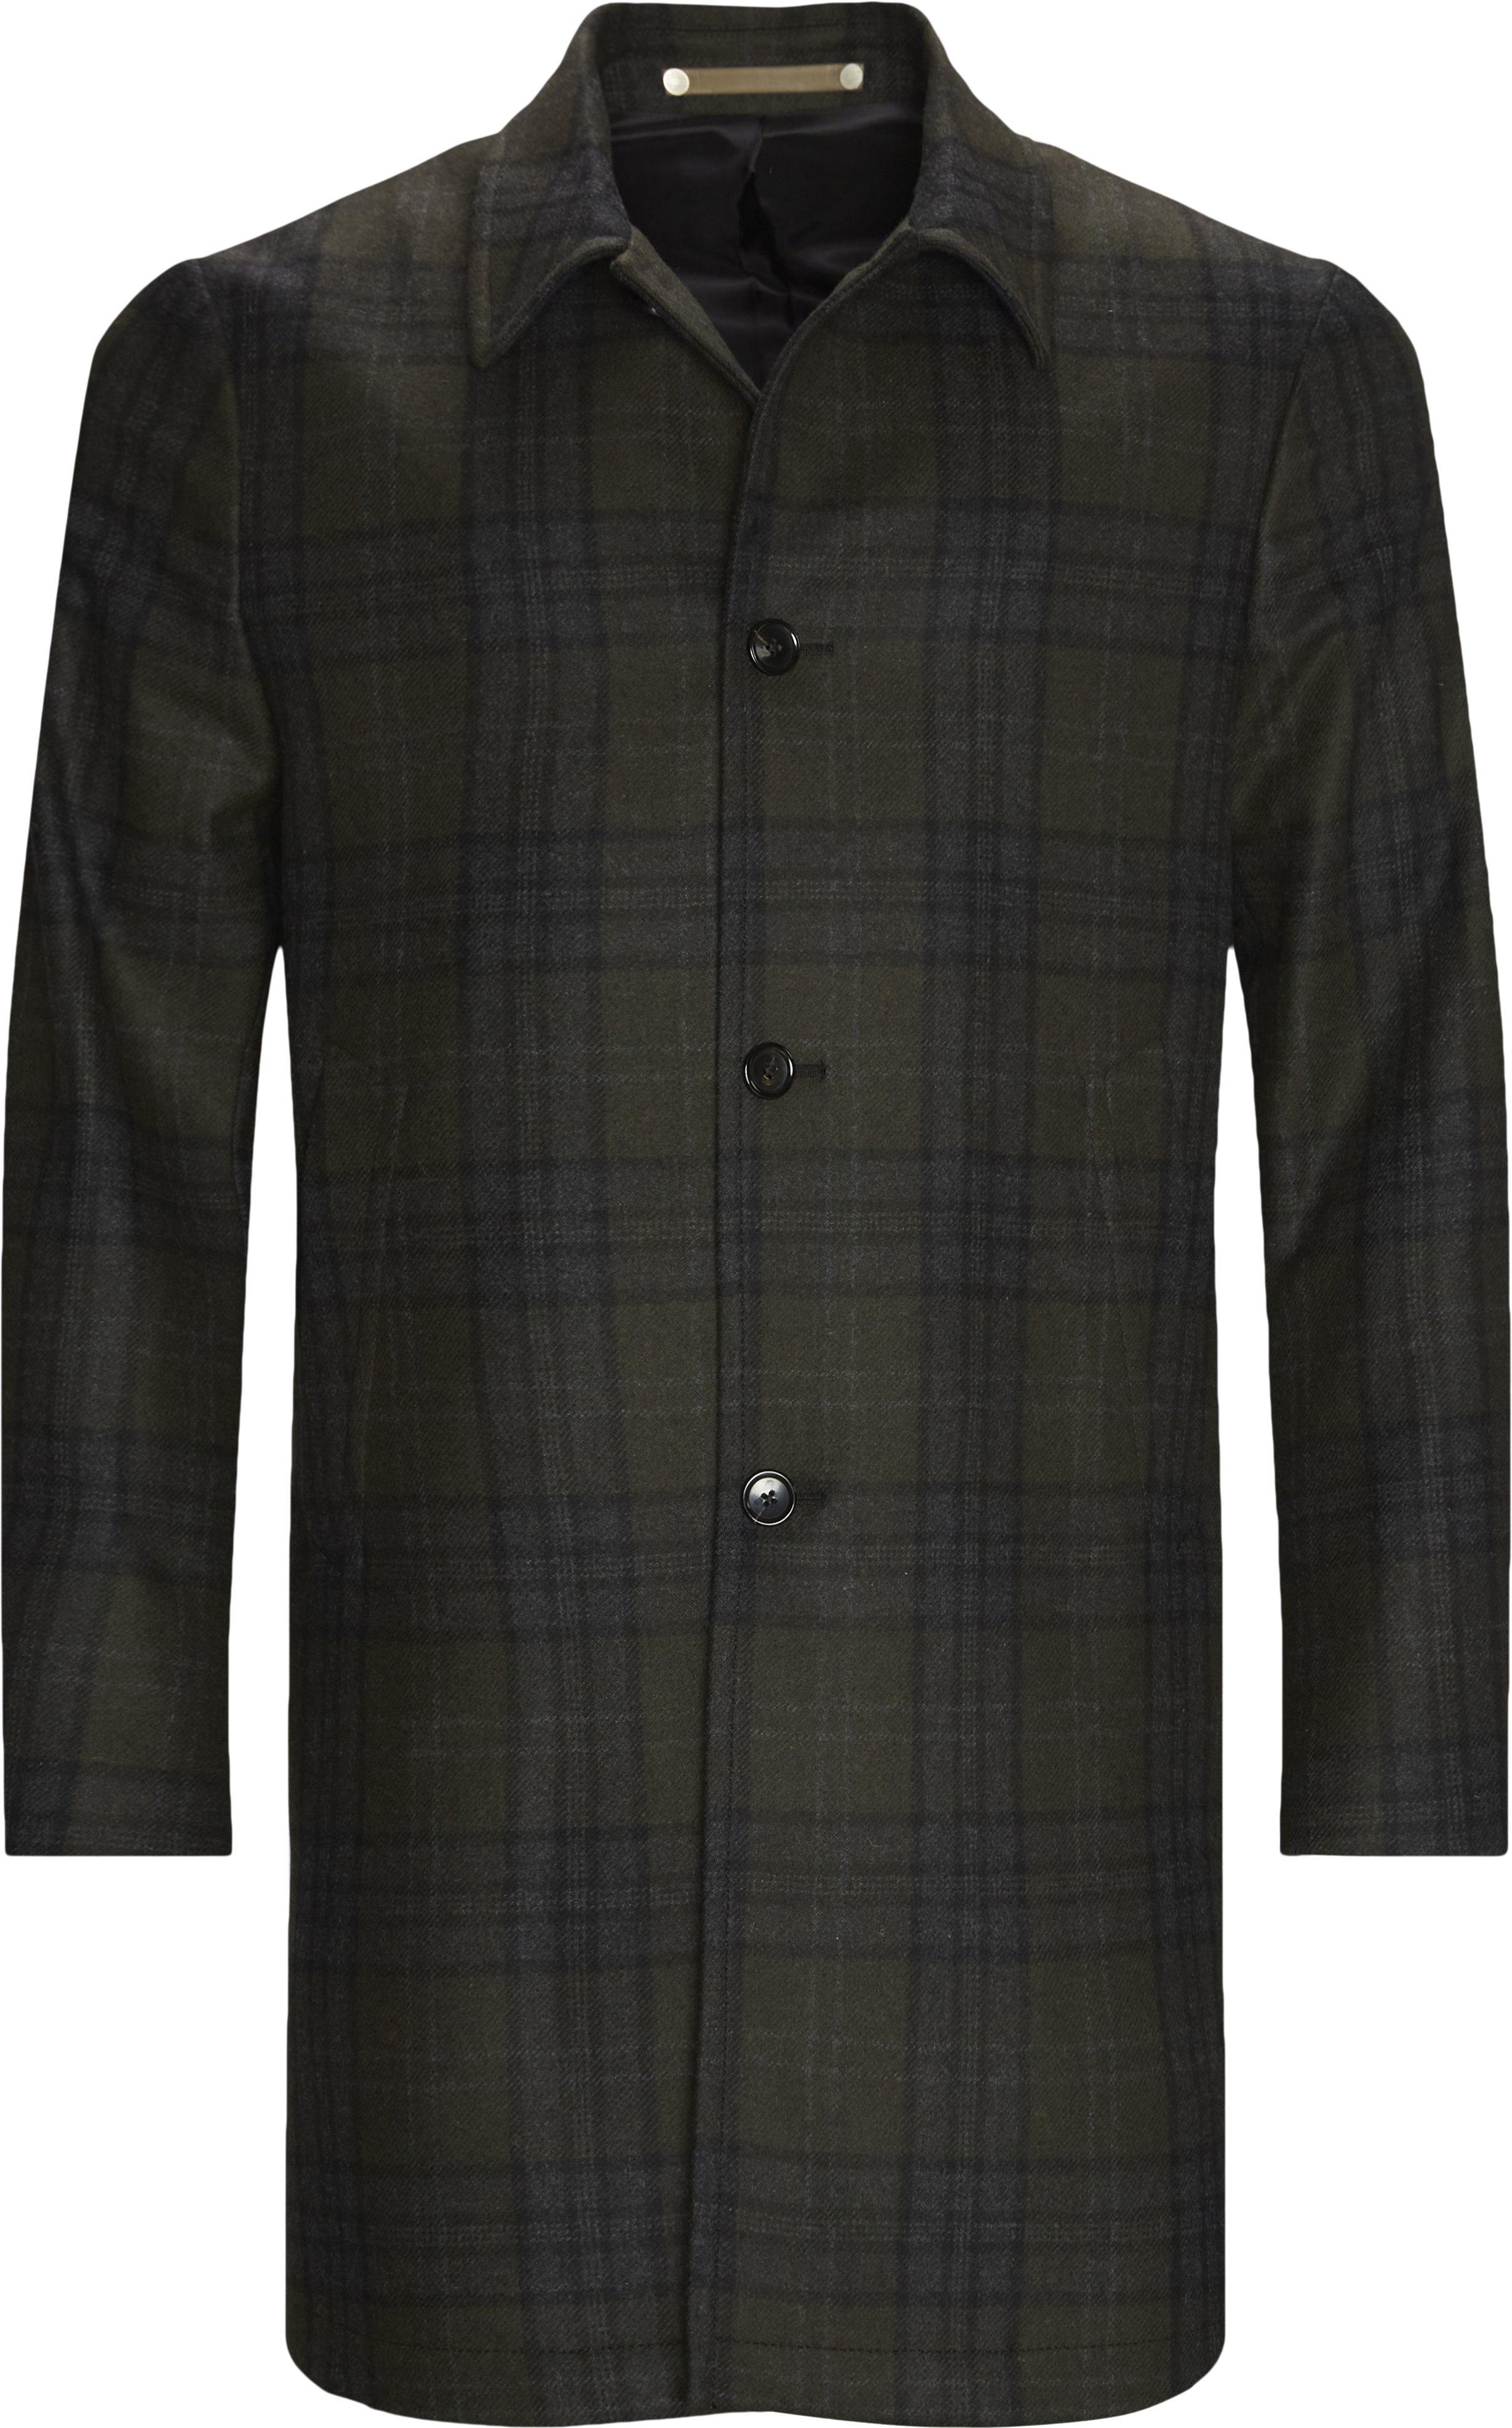 Checked Wool Coat - Jakker - Regular fit - Grøn